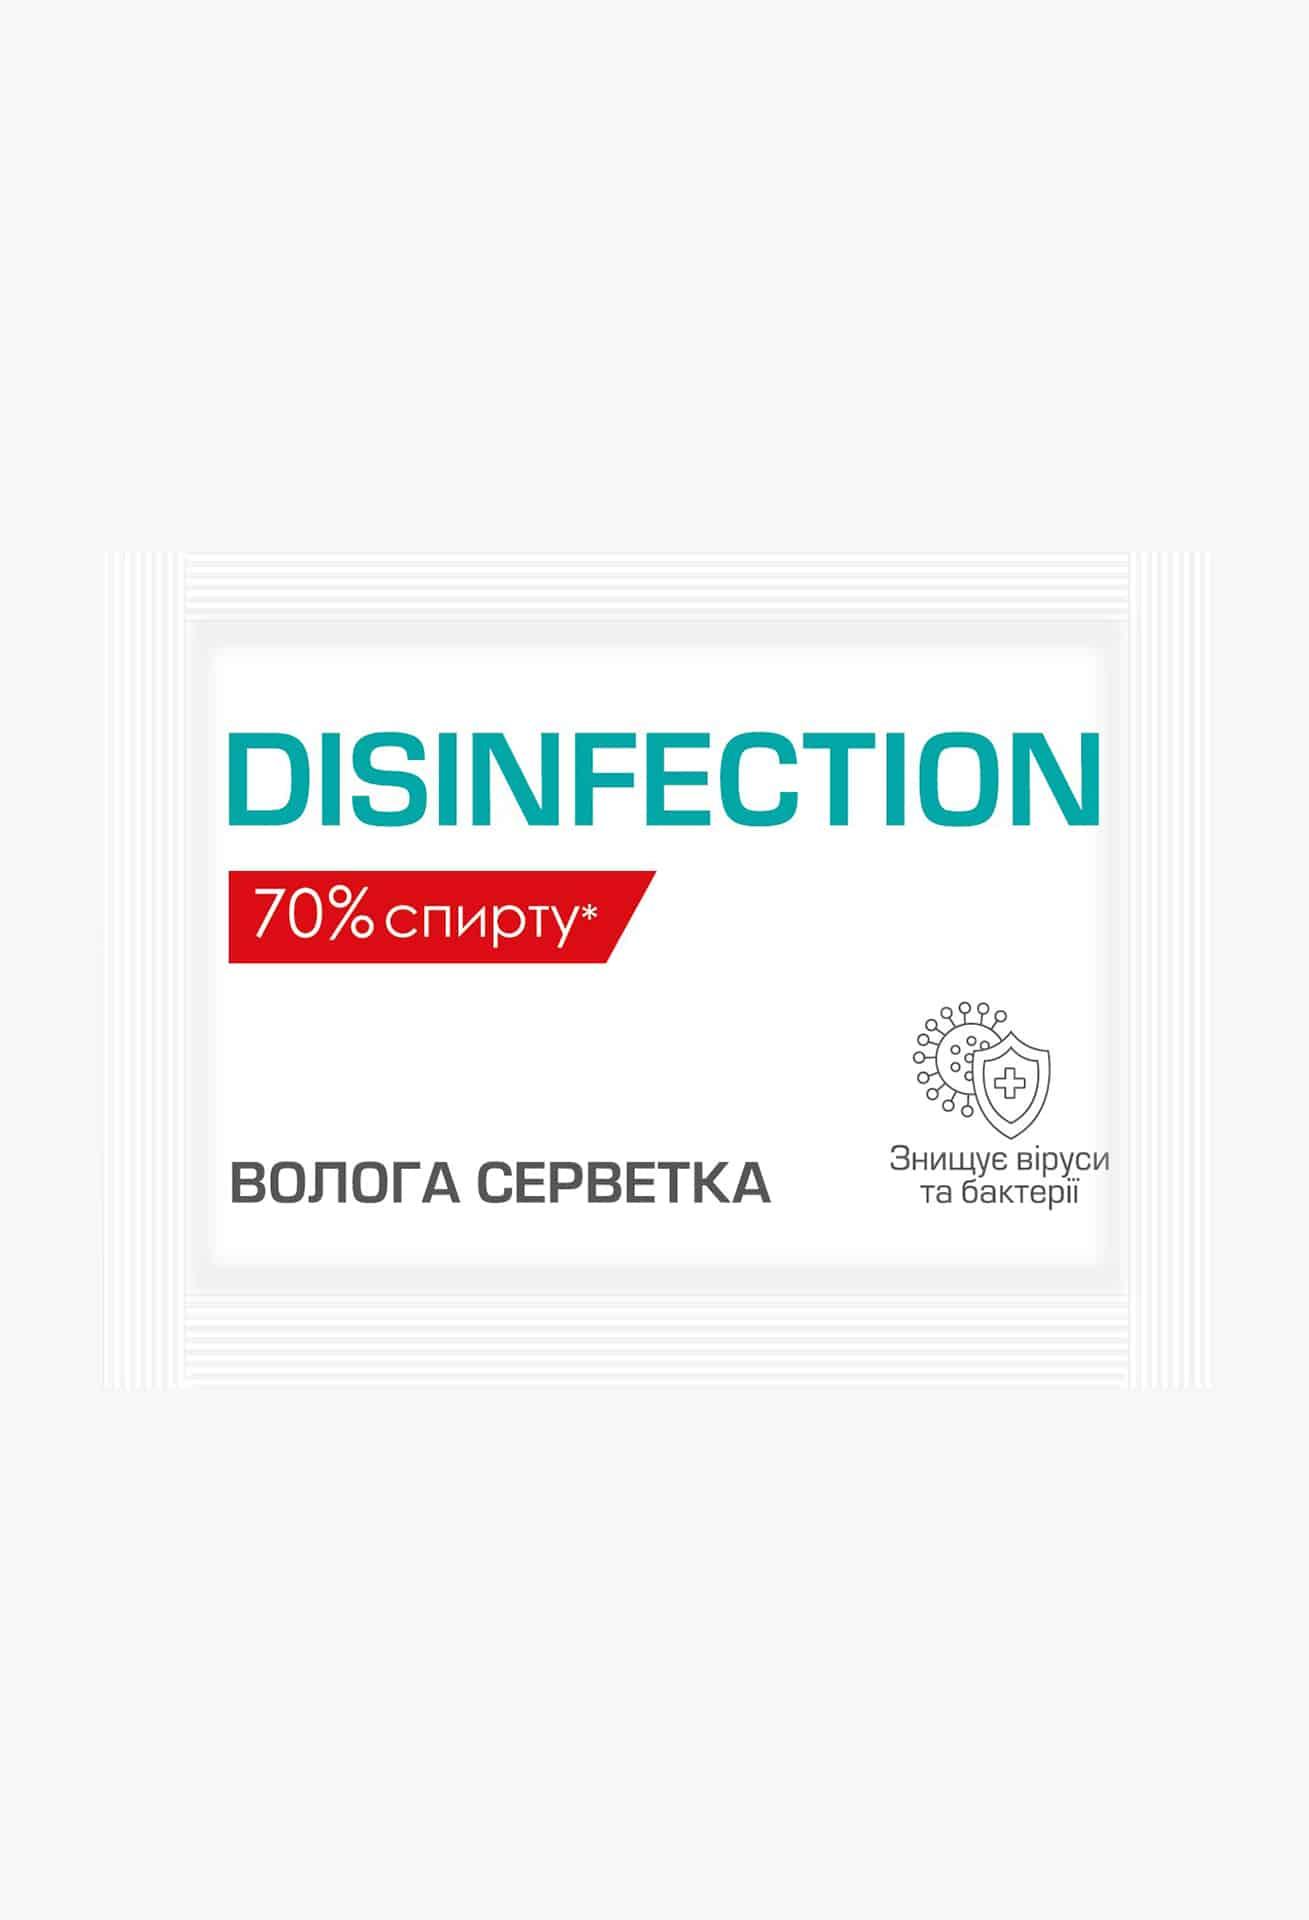 PRO вологі серветки дезінфекційні Sterill Bio, саше в боксі, 80шт.